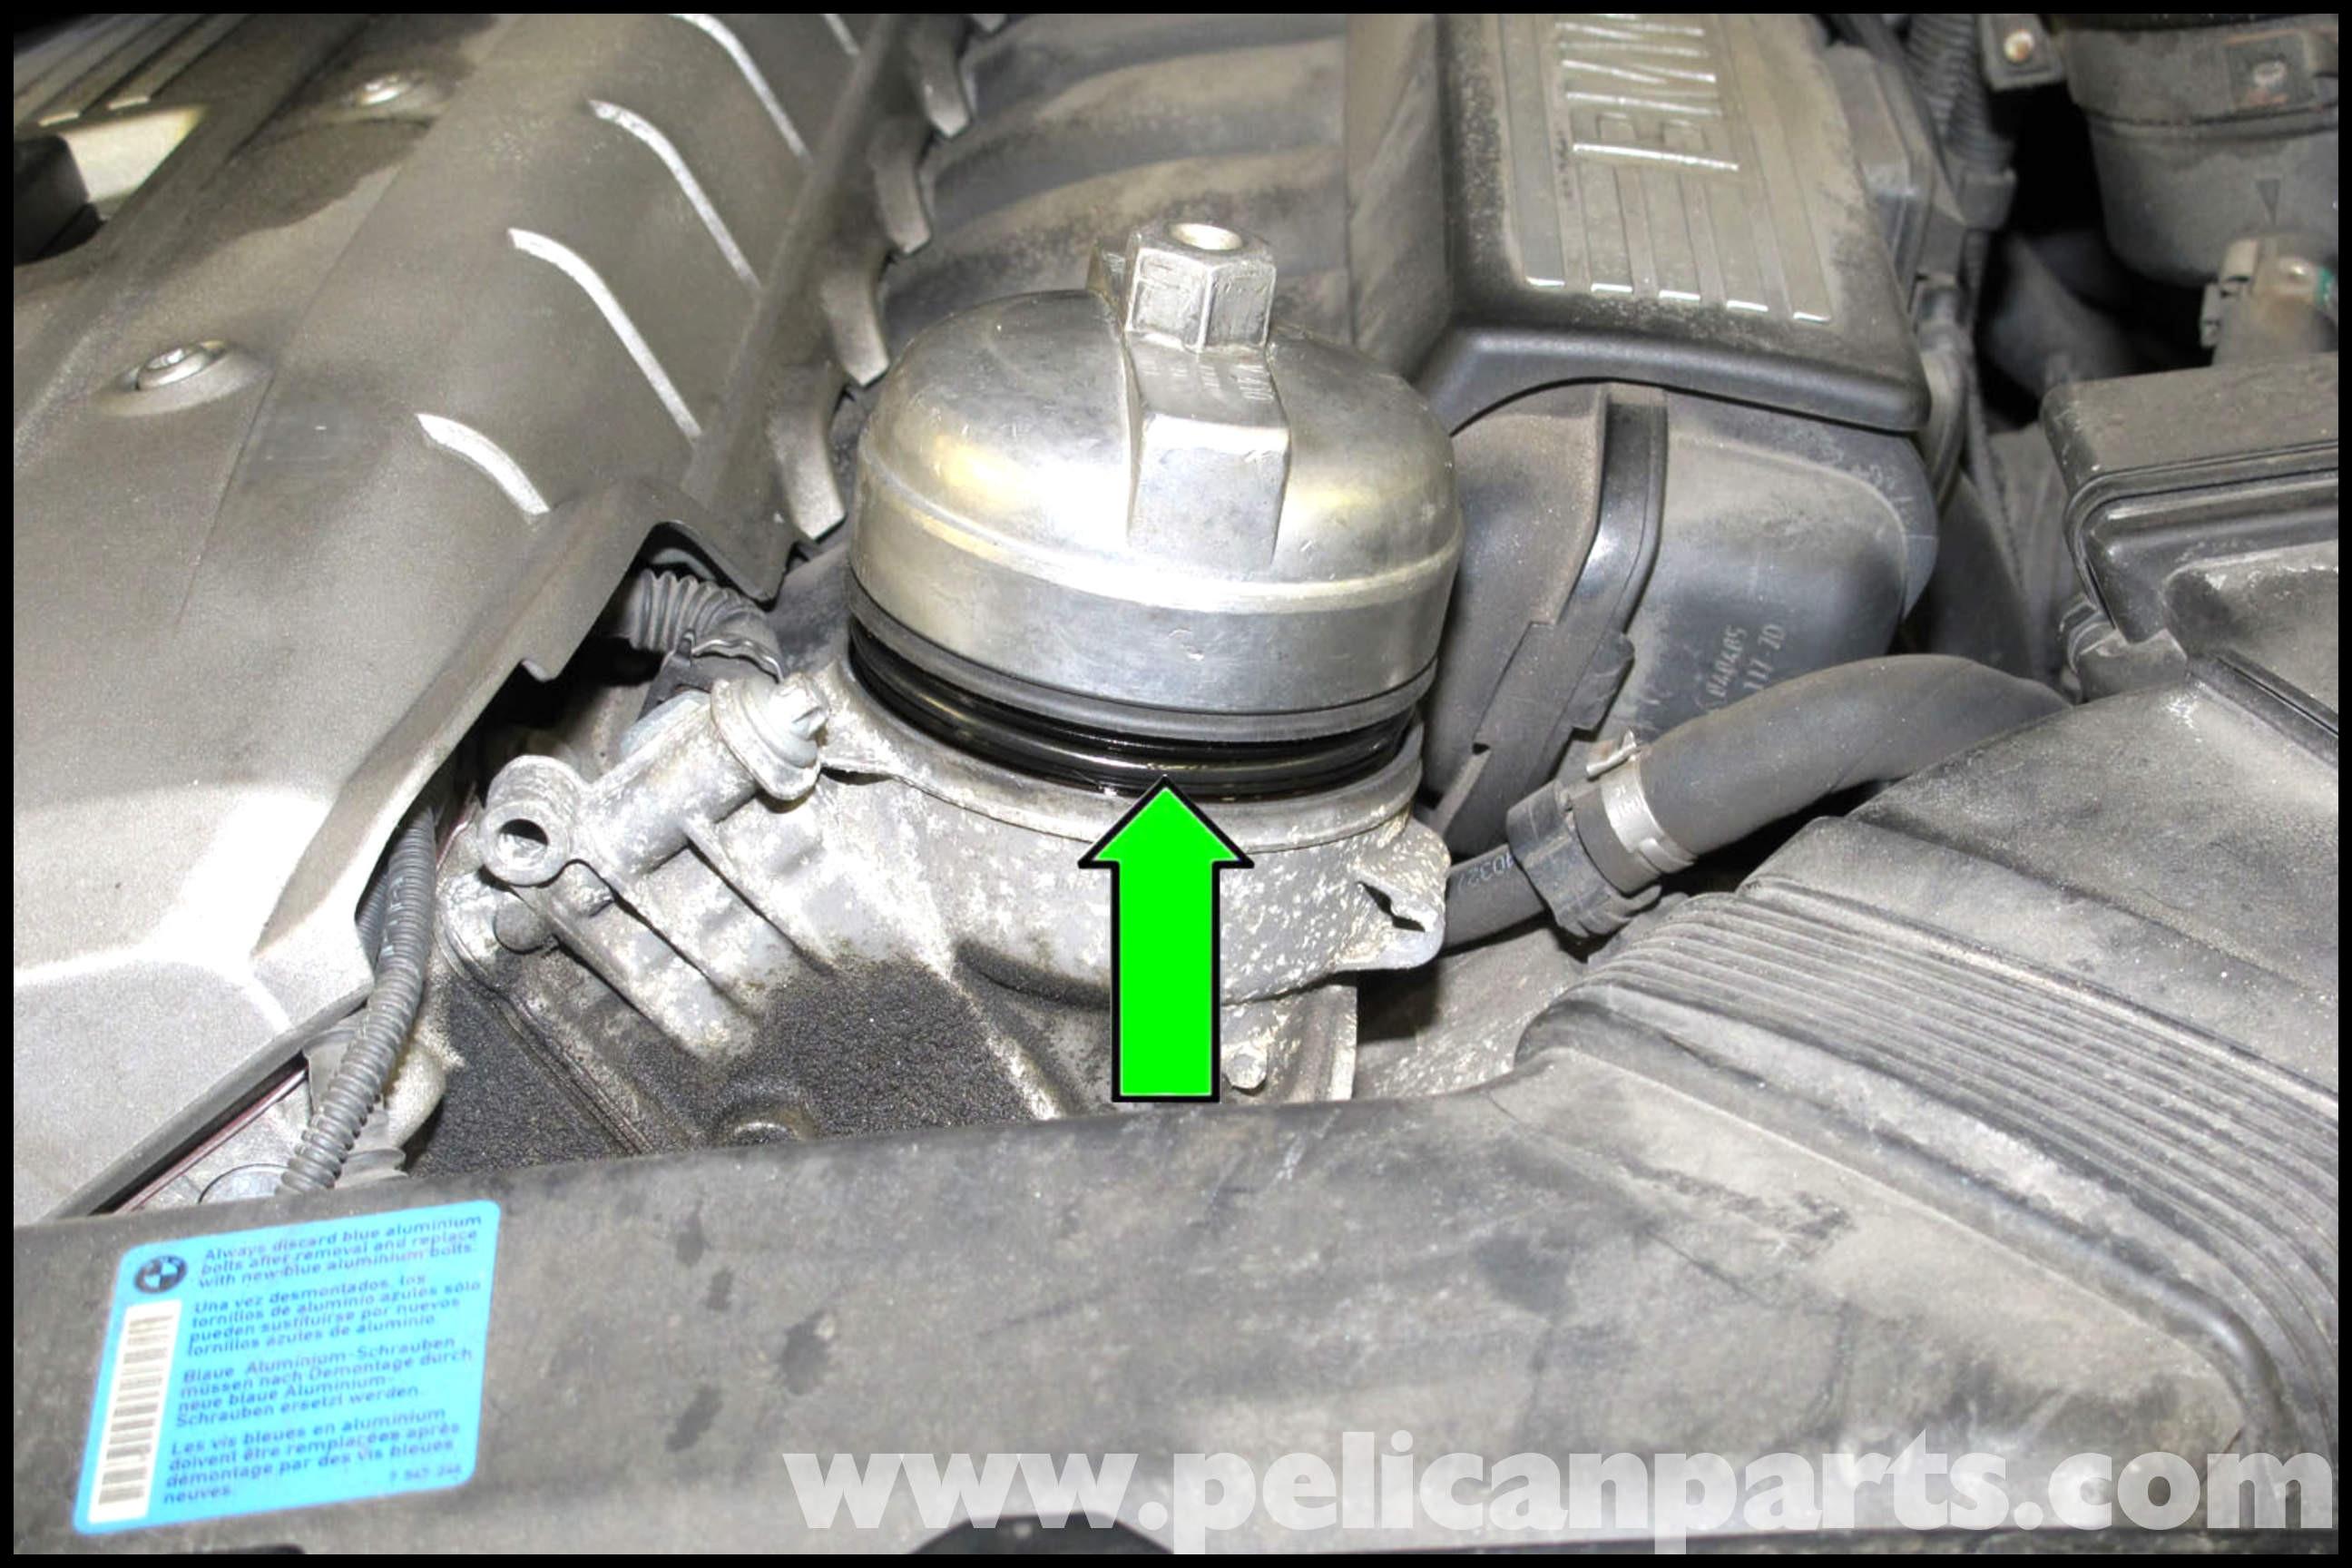 Oil Filter for Bmw 325i Luxury Bmw E90 Oil Change Procedure E91 E92 E93